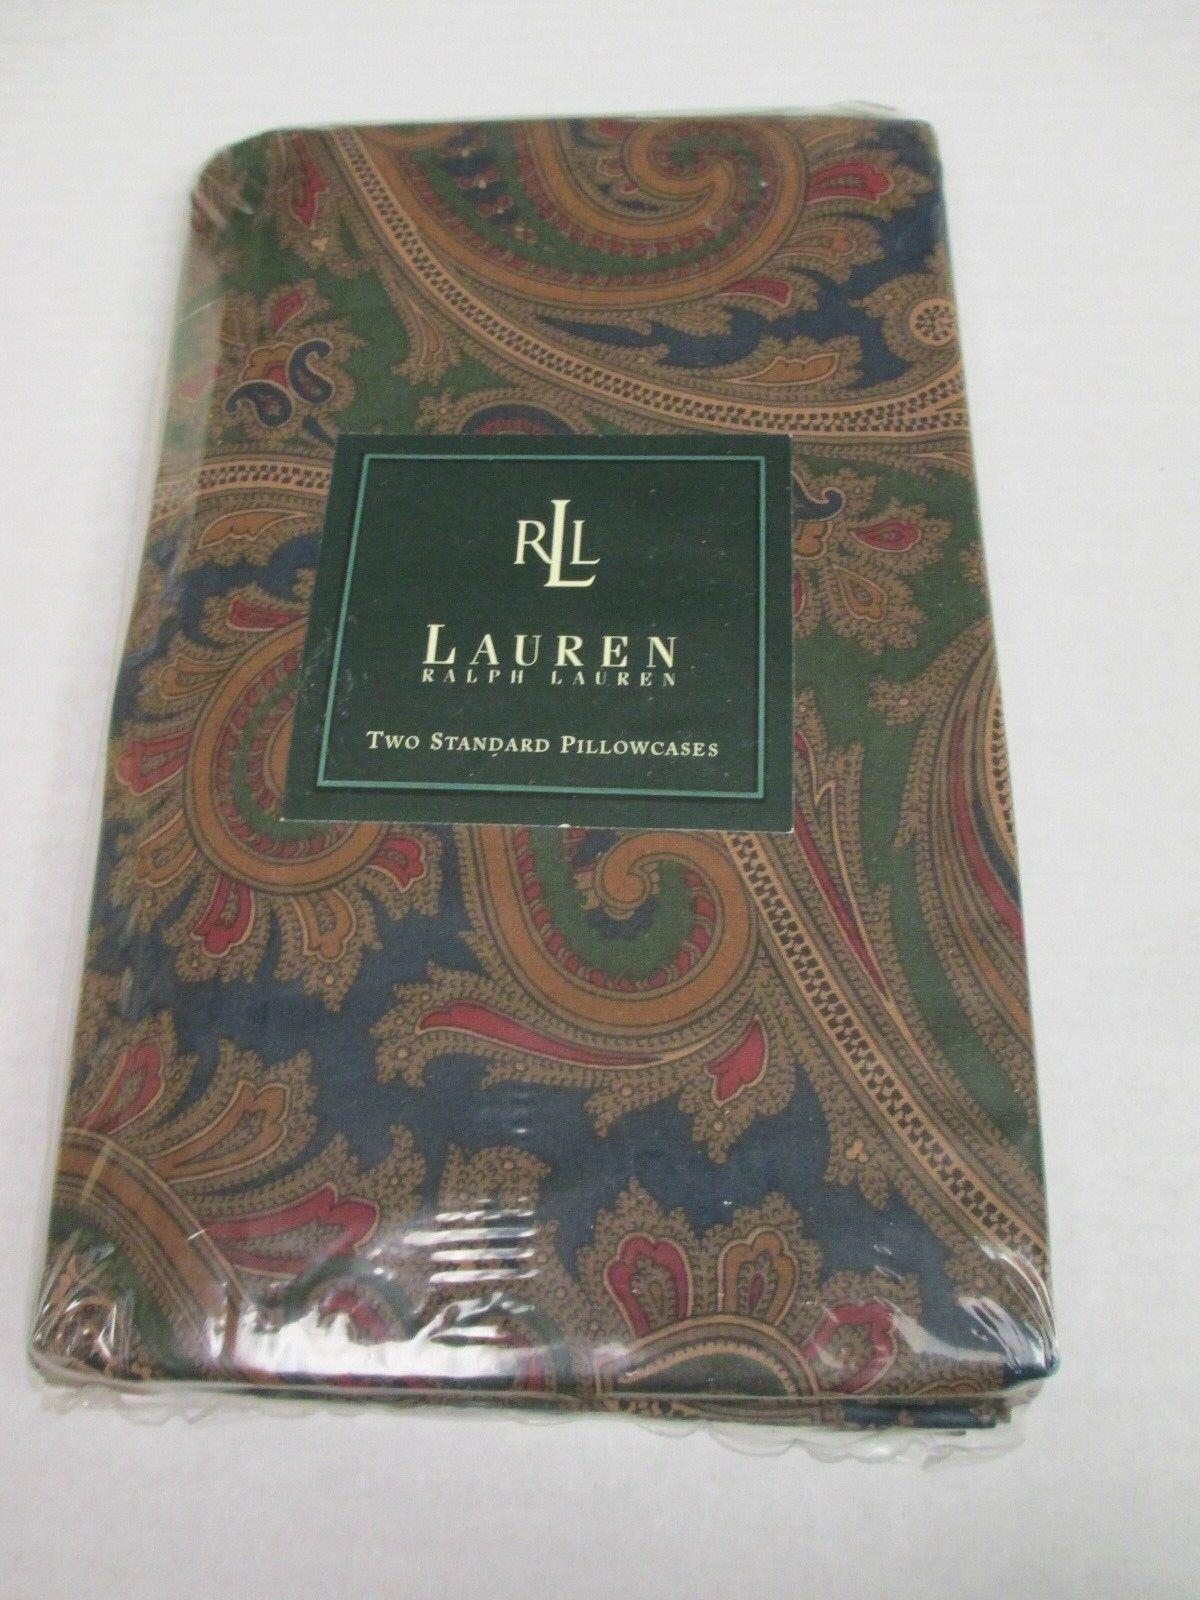 New Ralph Lauren Brianna Paisley rot Blau Grün Grün Grün 2 Floral Standard Pillowcases a1f8b5